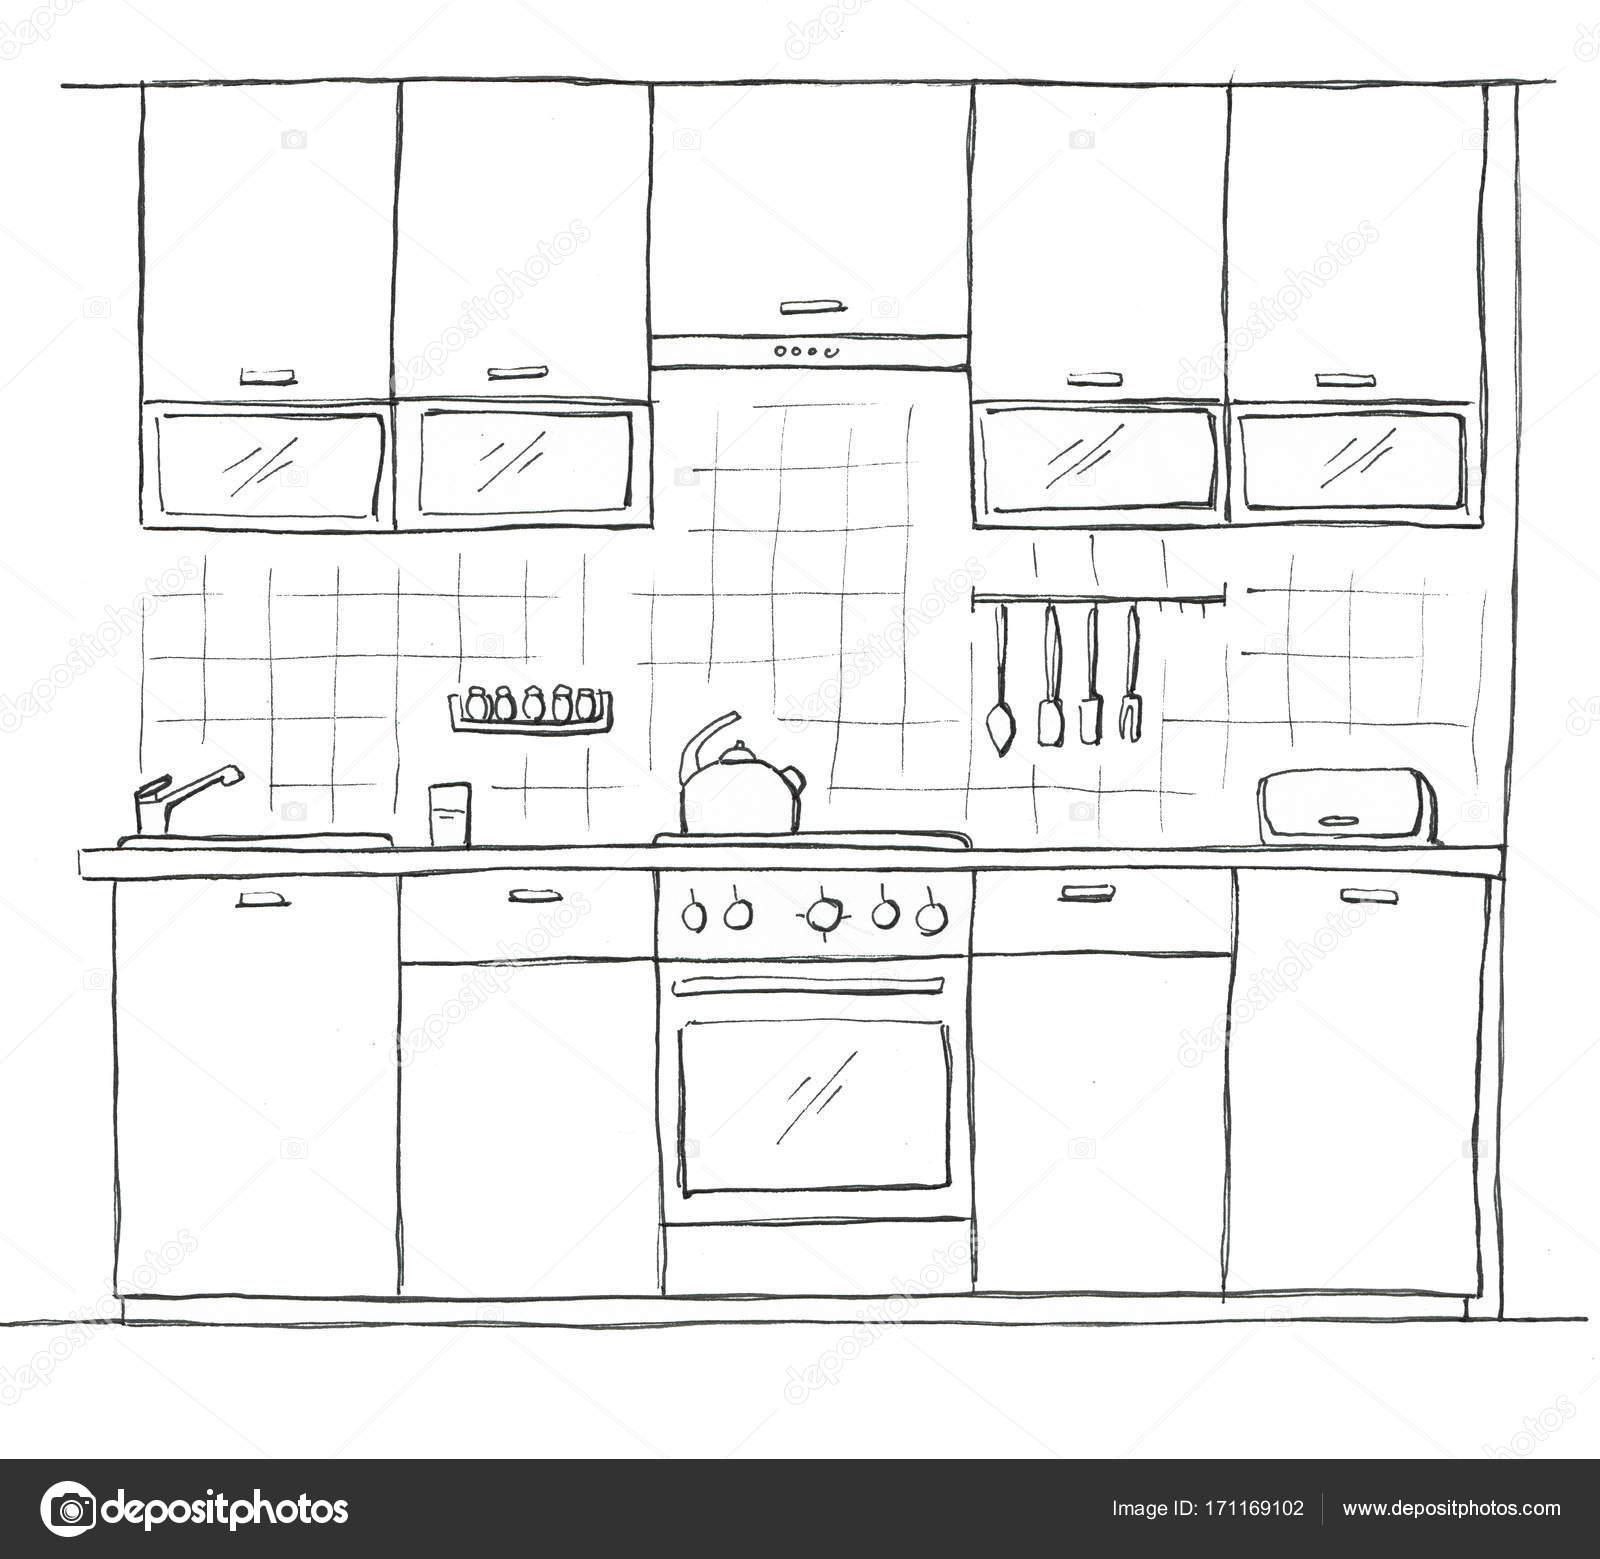 Immagini cucina disegnata mobili cucina disegnata a for Disegnare cucina 3d gratis